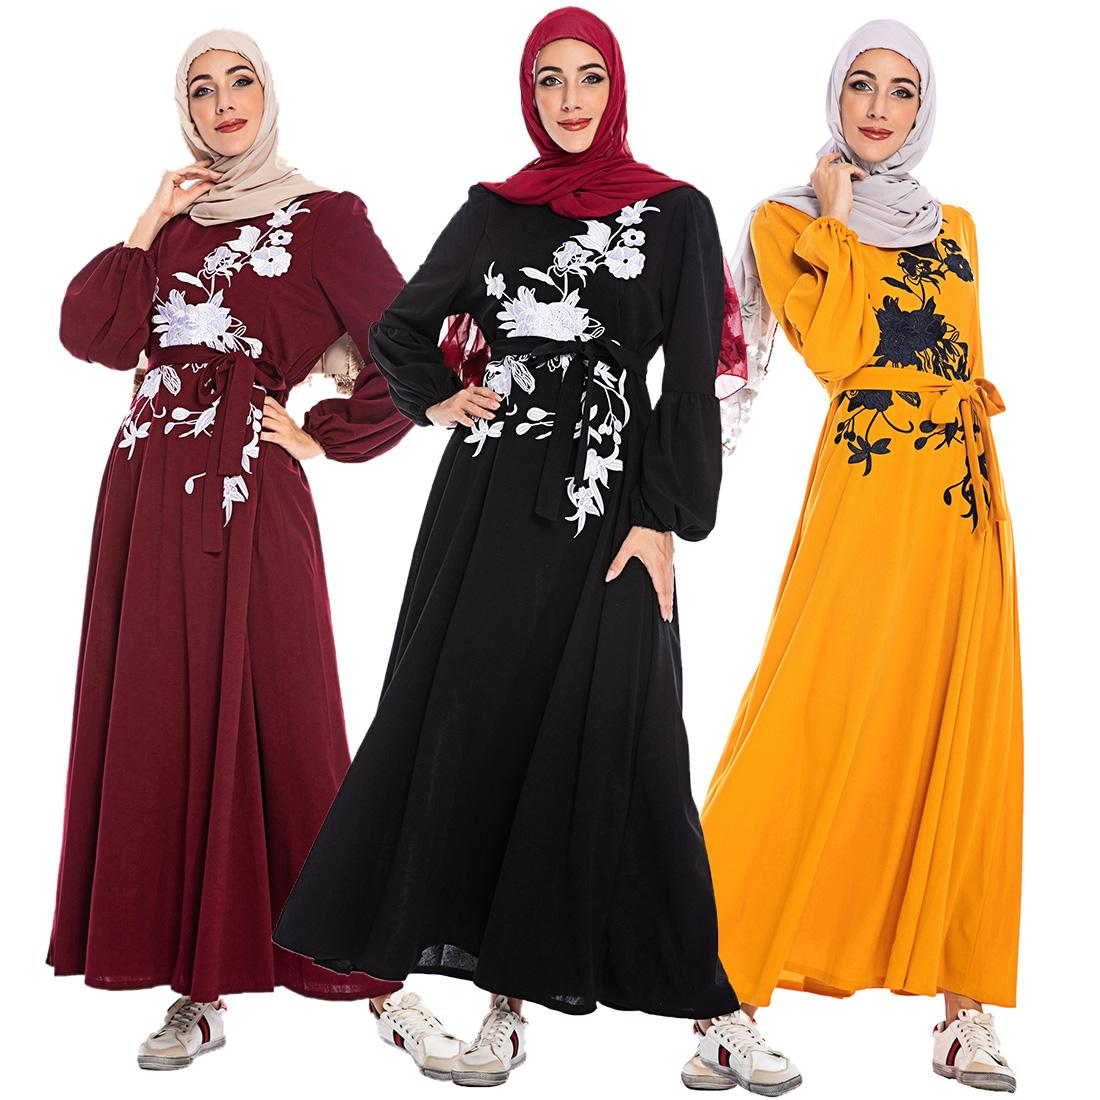 Muslim-Blumendruck Kafatn Kleid S-3XL plus Größe islamischen Frauen langärmelige Swing-Kleid Schwarz / Gelb / Rot